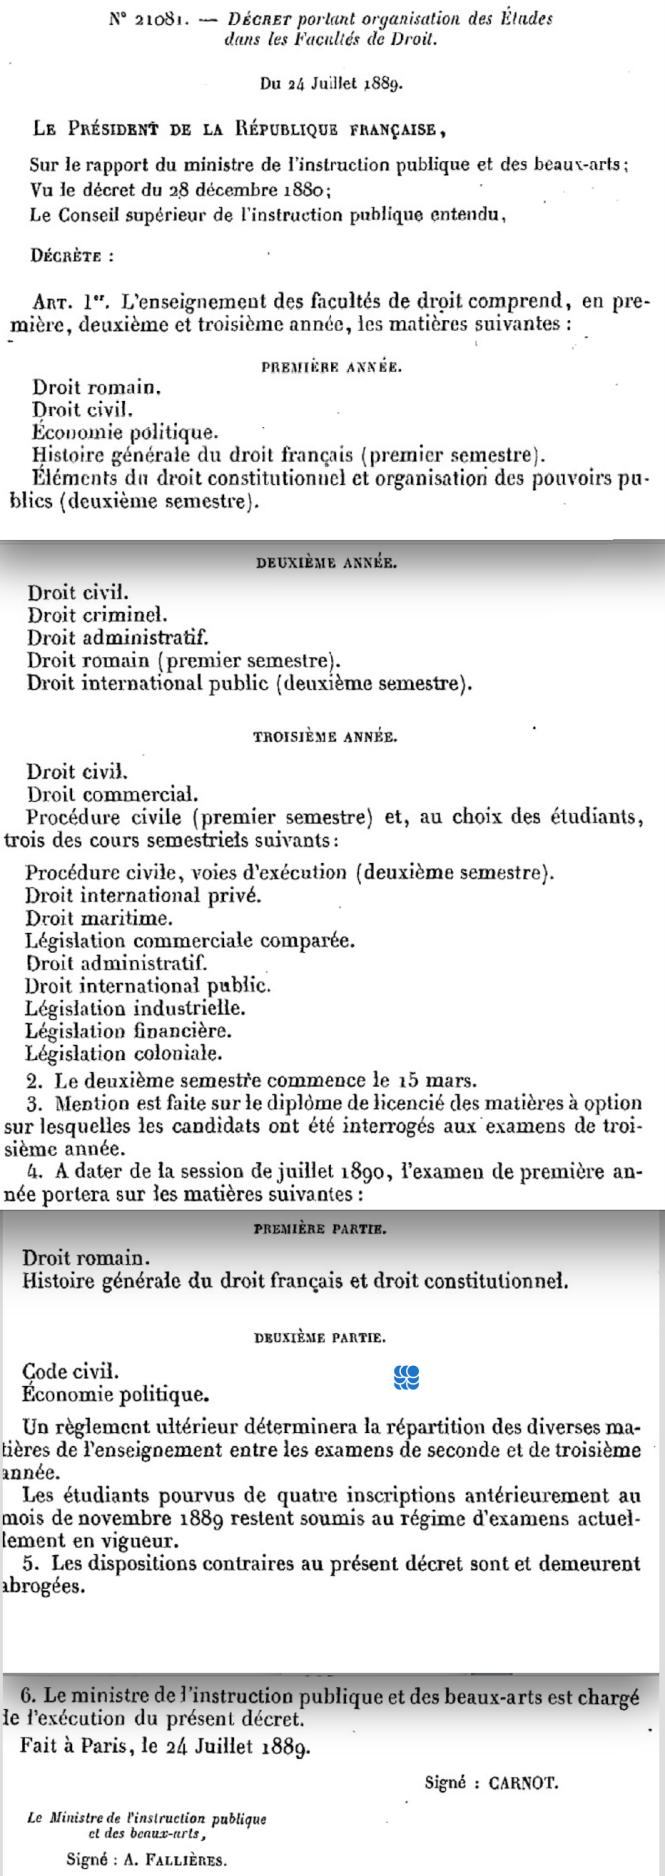 78 Décret du 24 juillet 1889 portant organisation des études dans les Facultés de droit.png